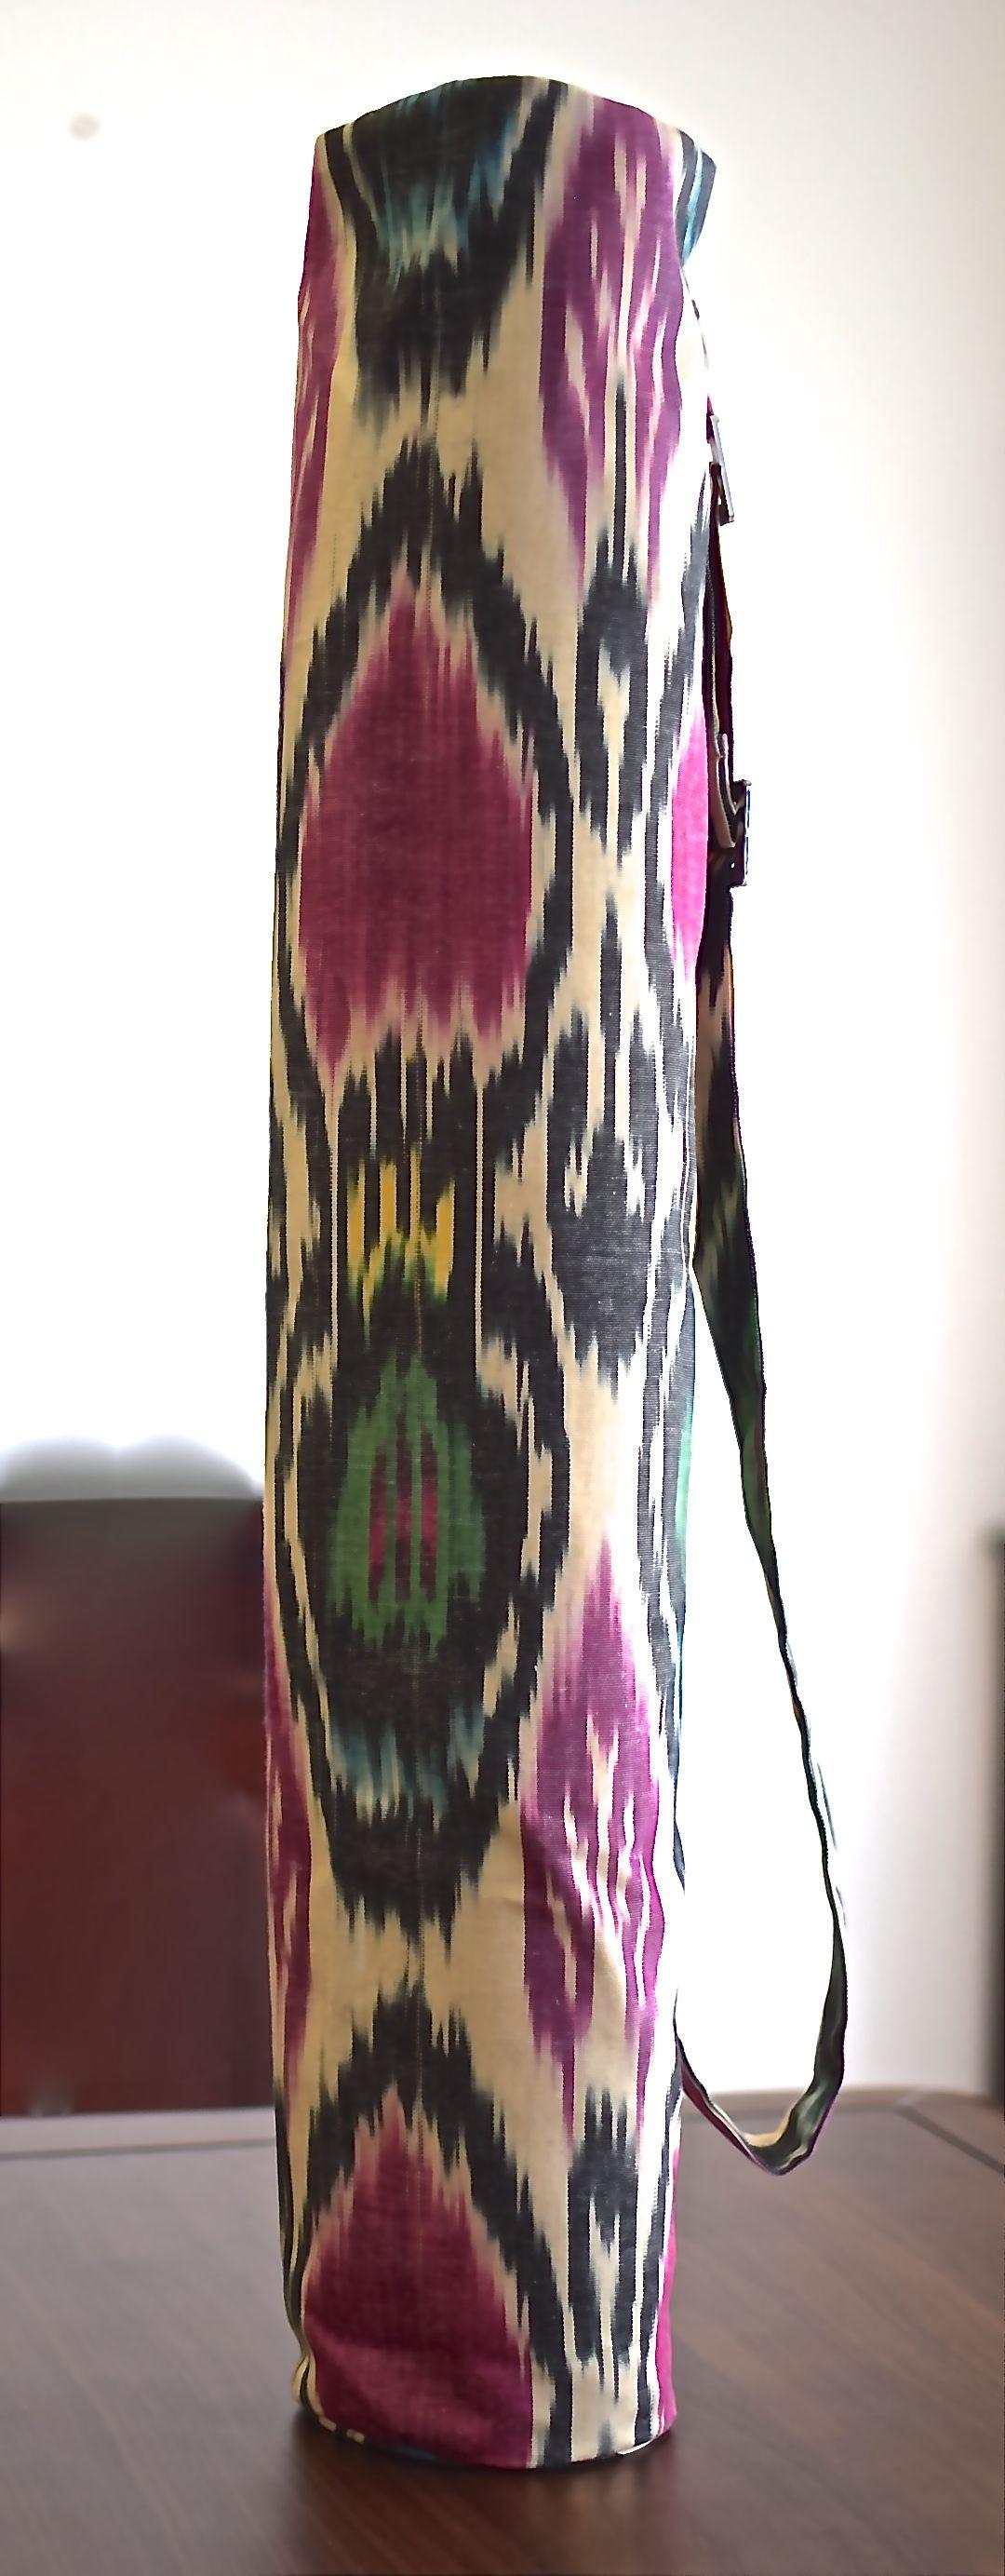 Colourful Yoga Bag